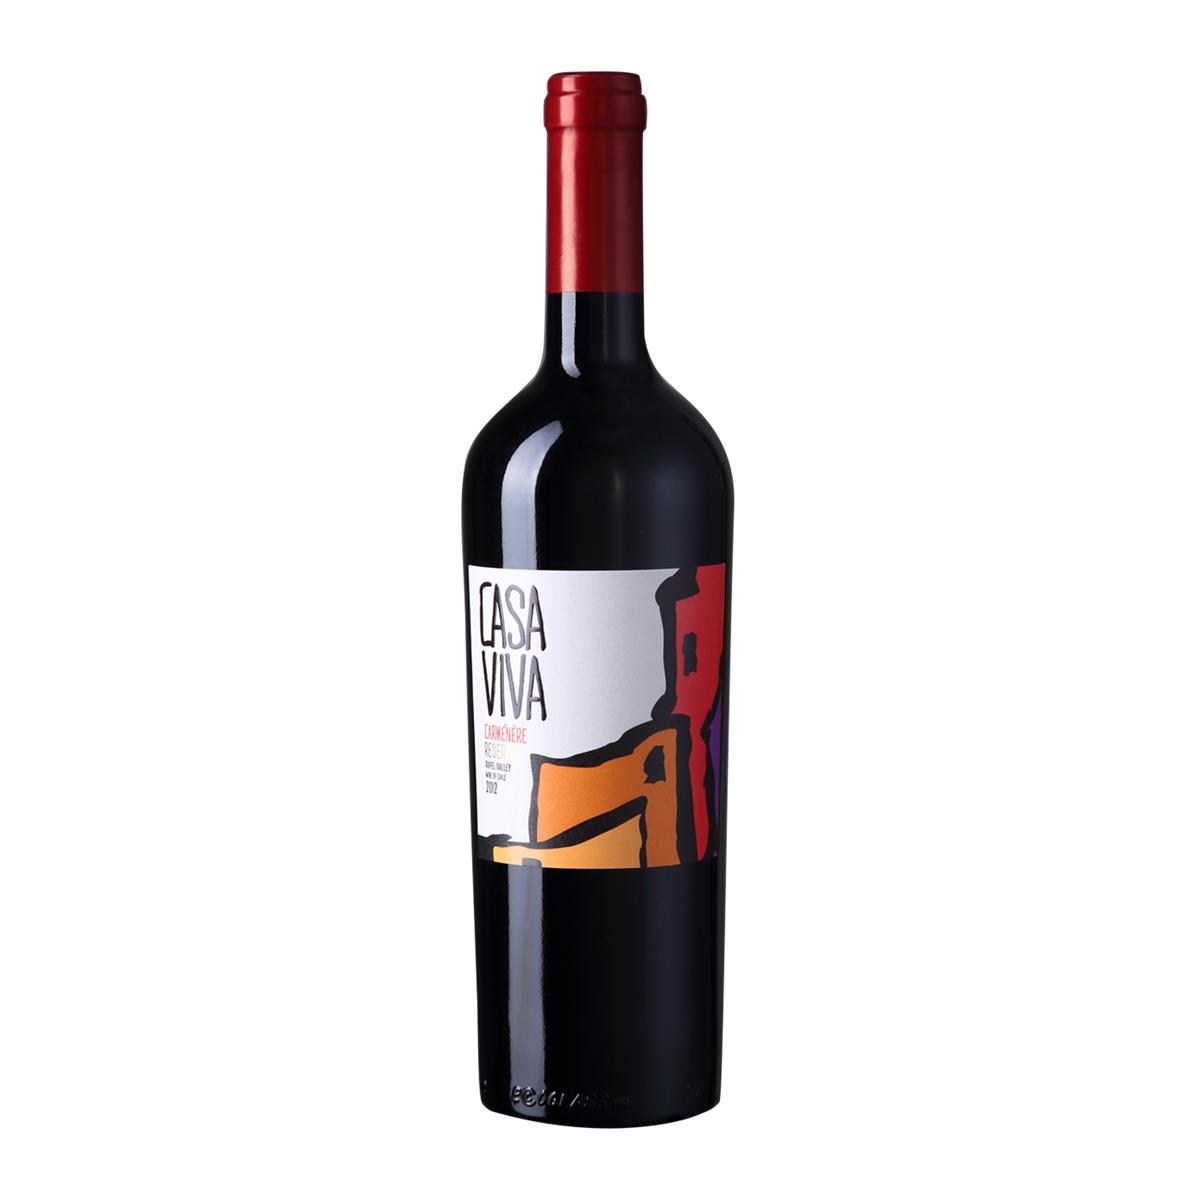 卡萨天堂佳美娜珍藏干红葡萄酒